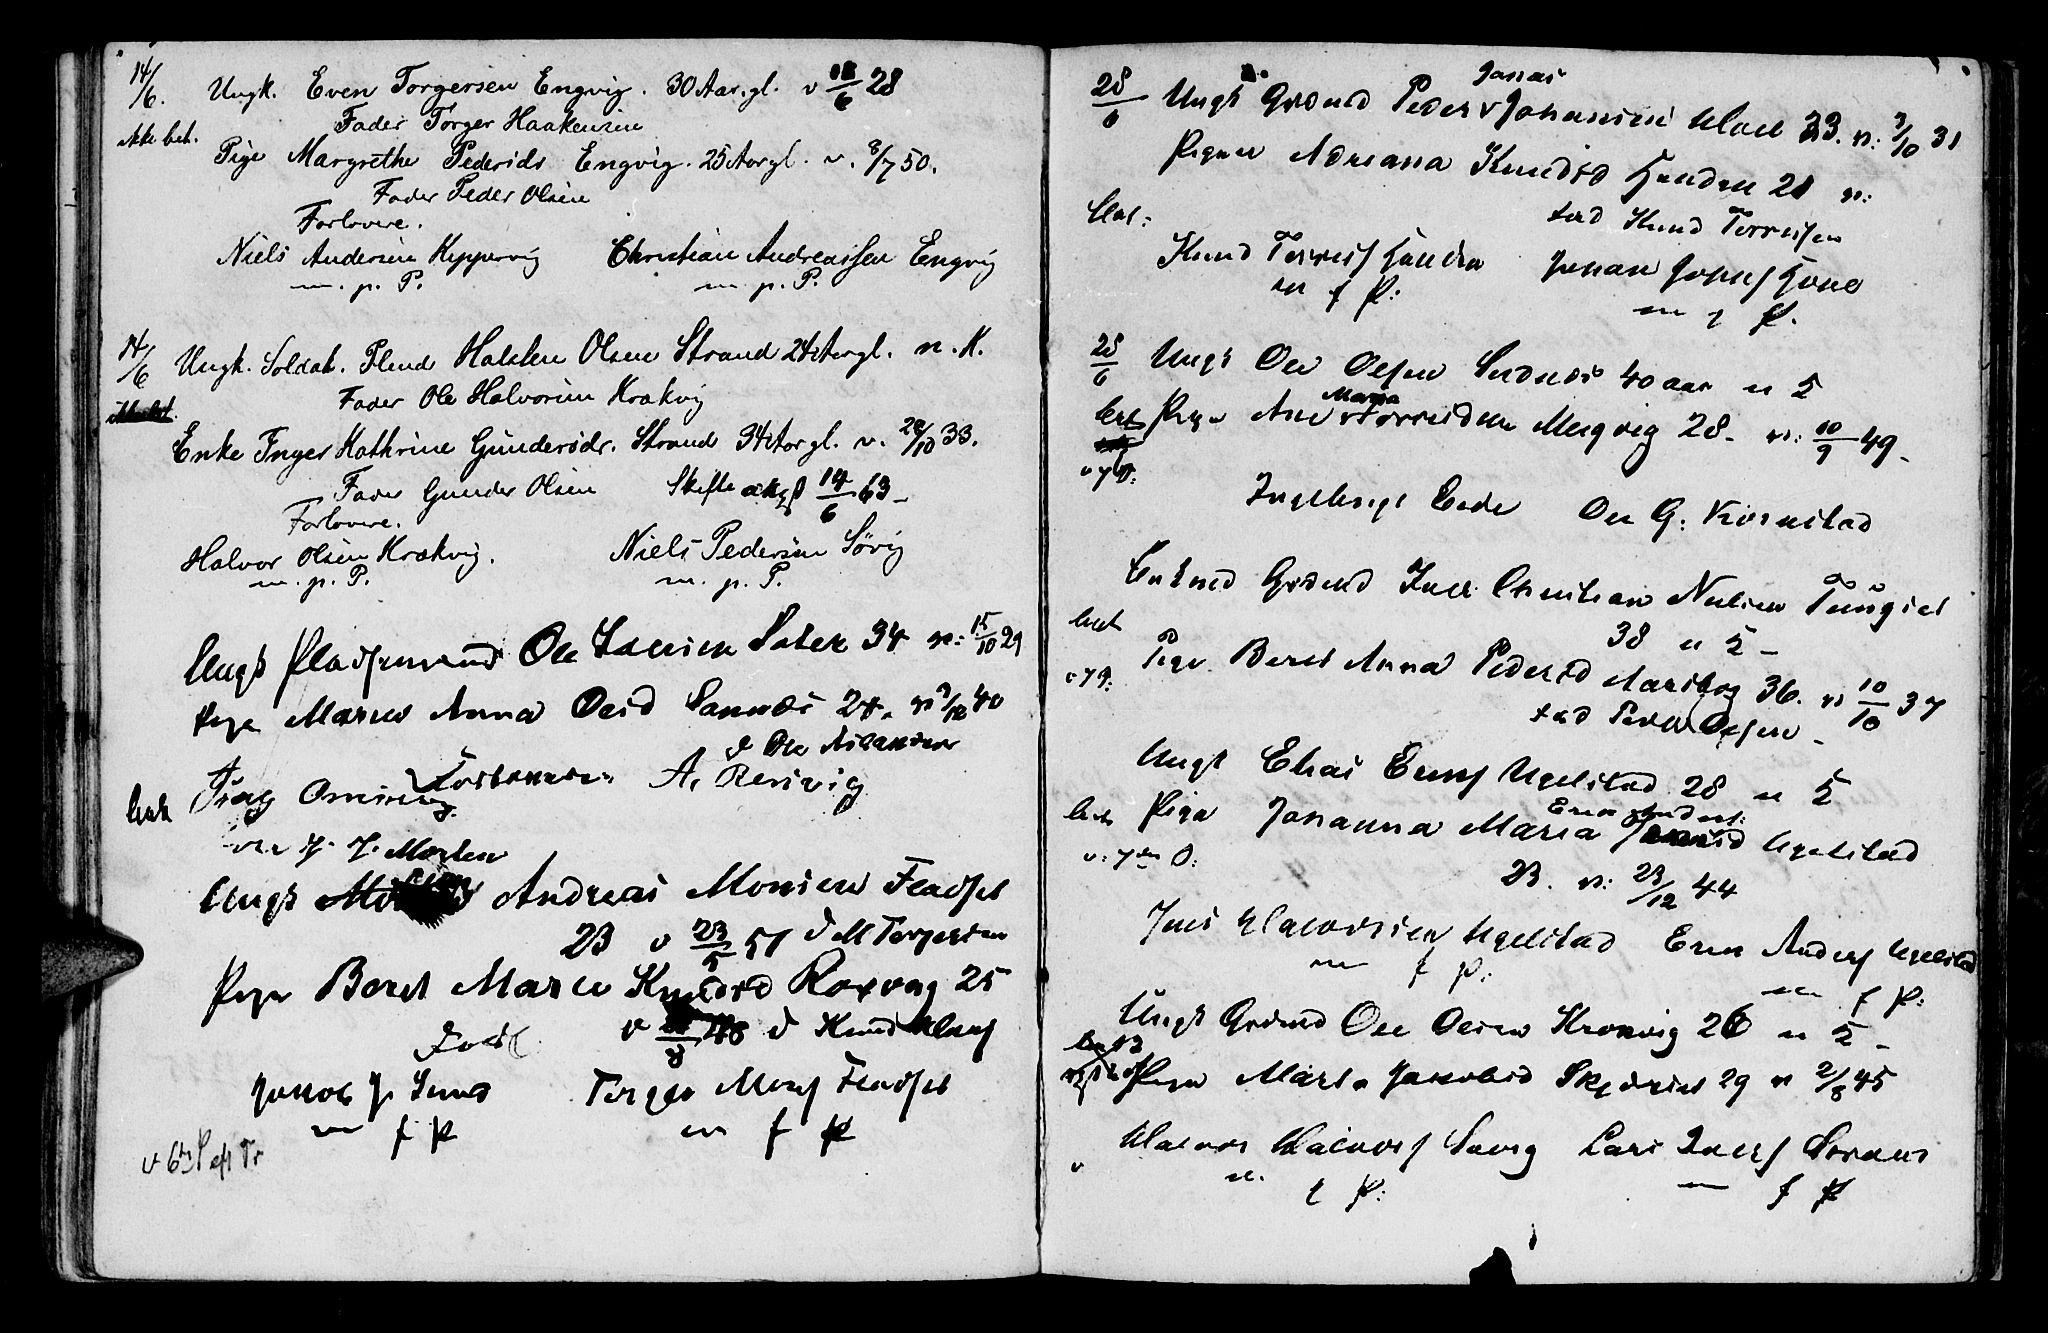 SAT, Ministerialprotokoller, klokkerbøker og fødselsregistre - Møre og Romsdal, 568/L0796: Parish register (official) no. 568A05, 1845-1871